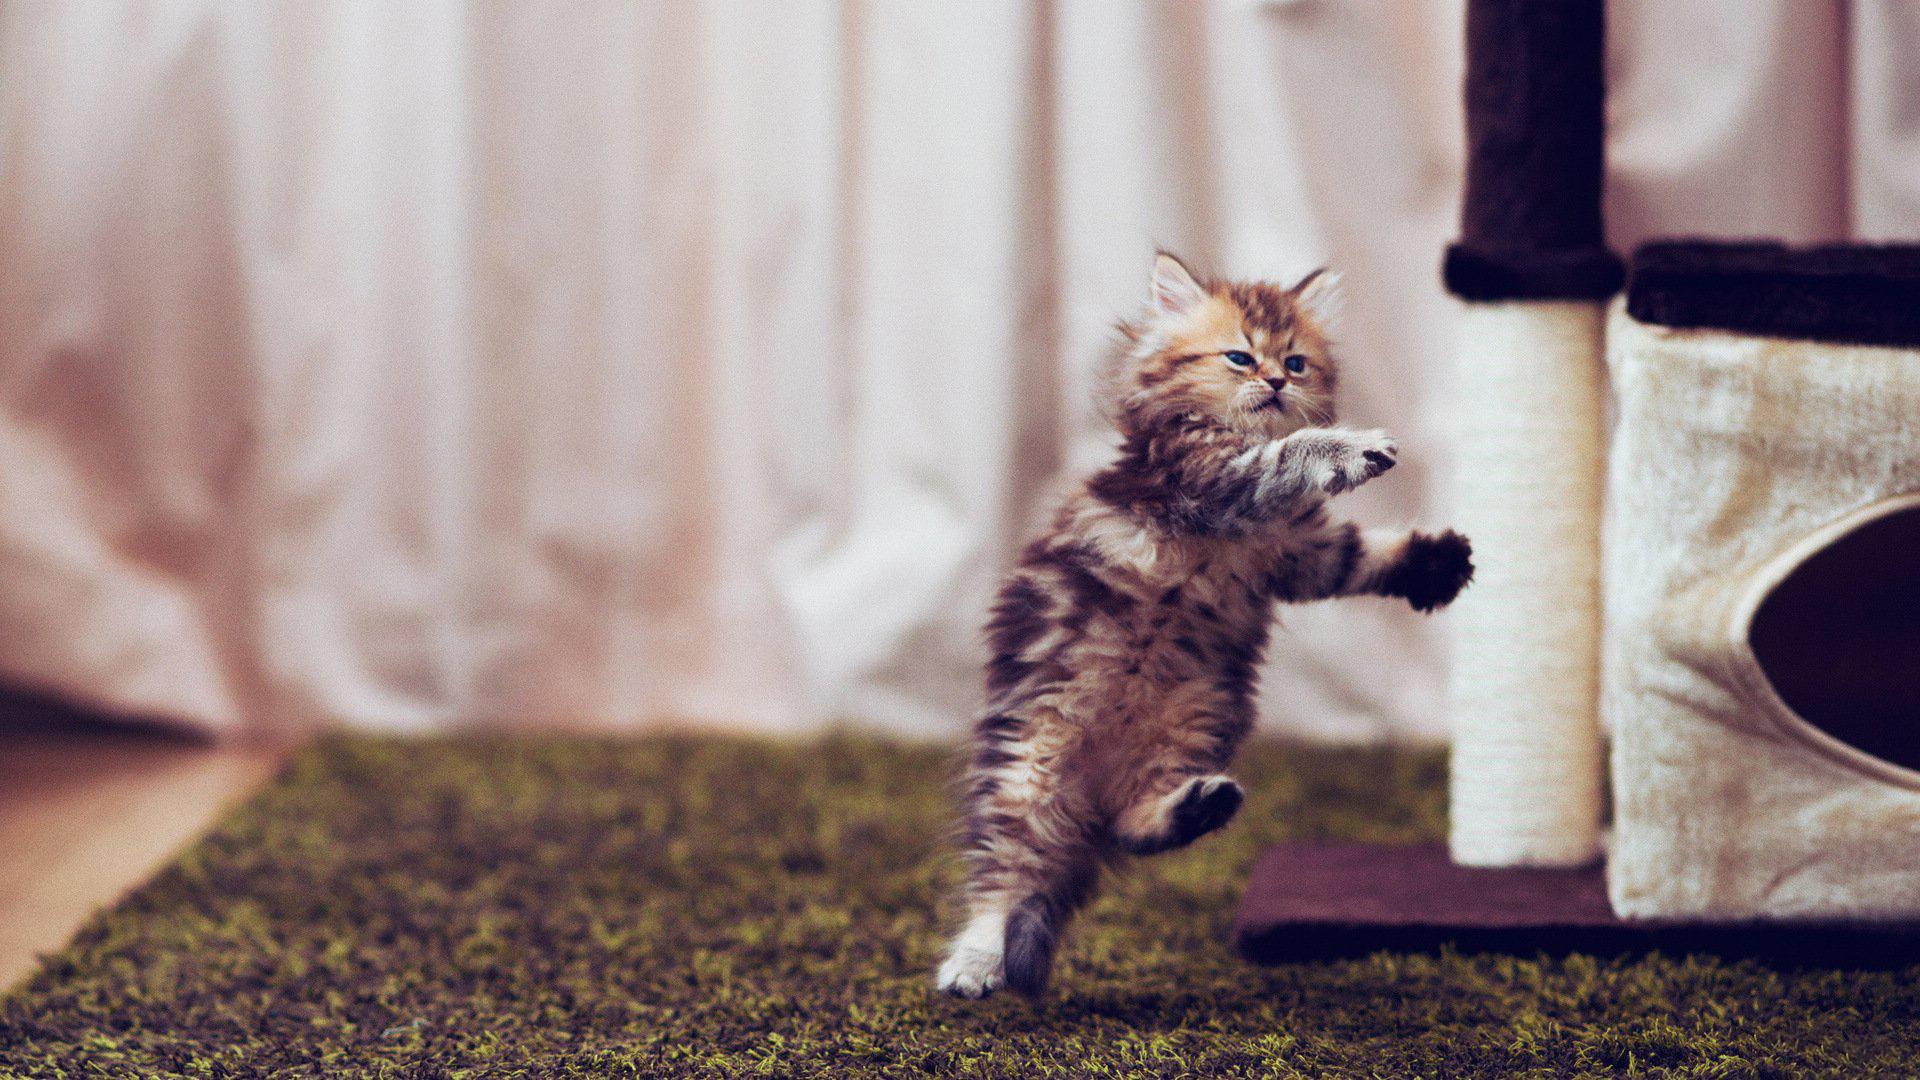 【高清图】可爱的小猫高清壁纸 第18页-zol图片频道